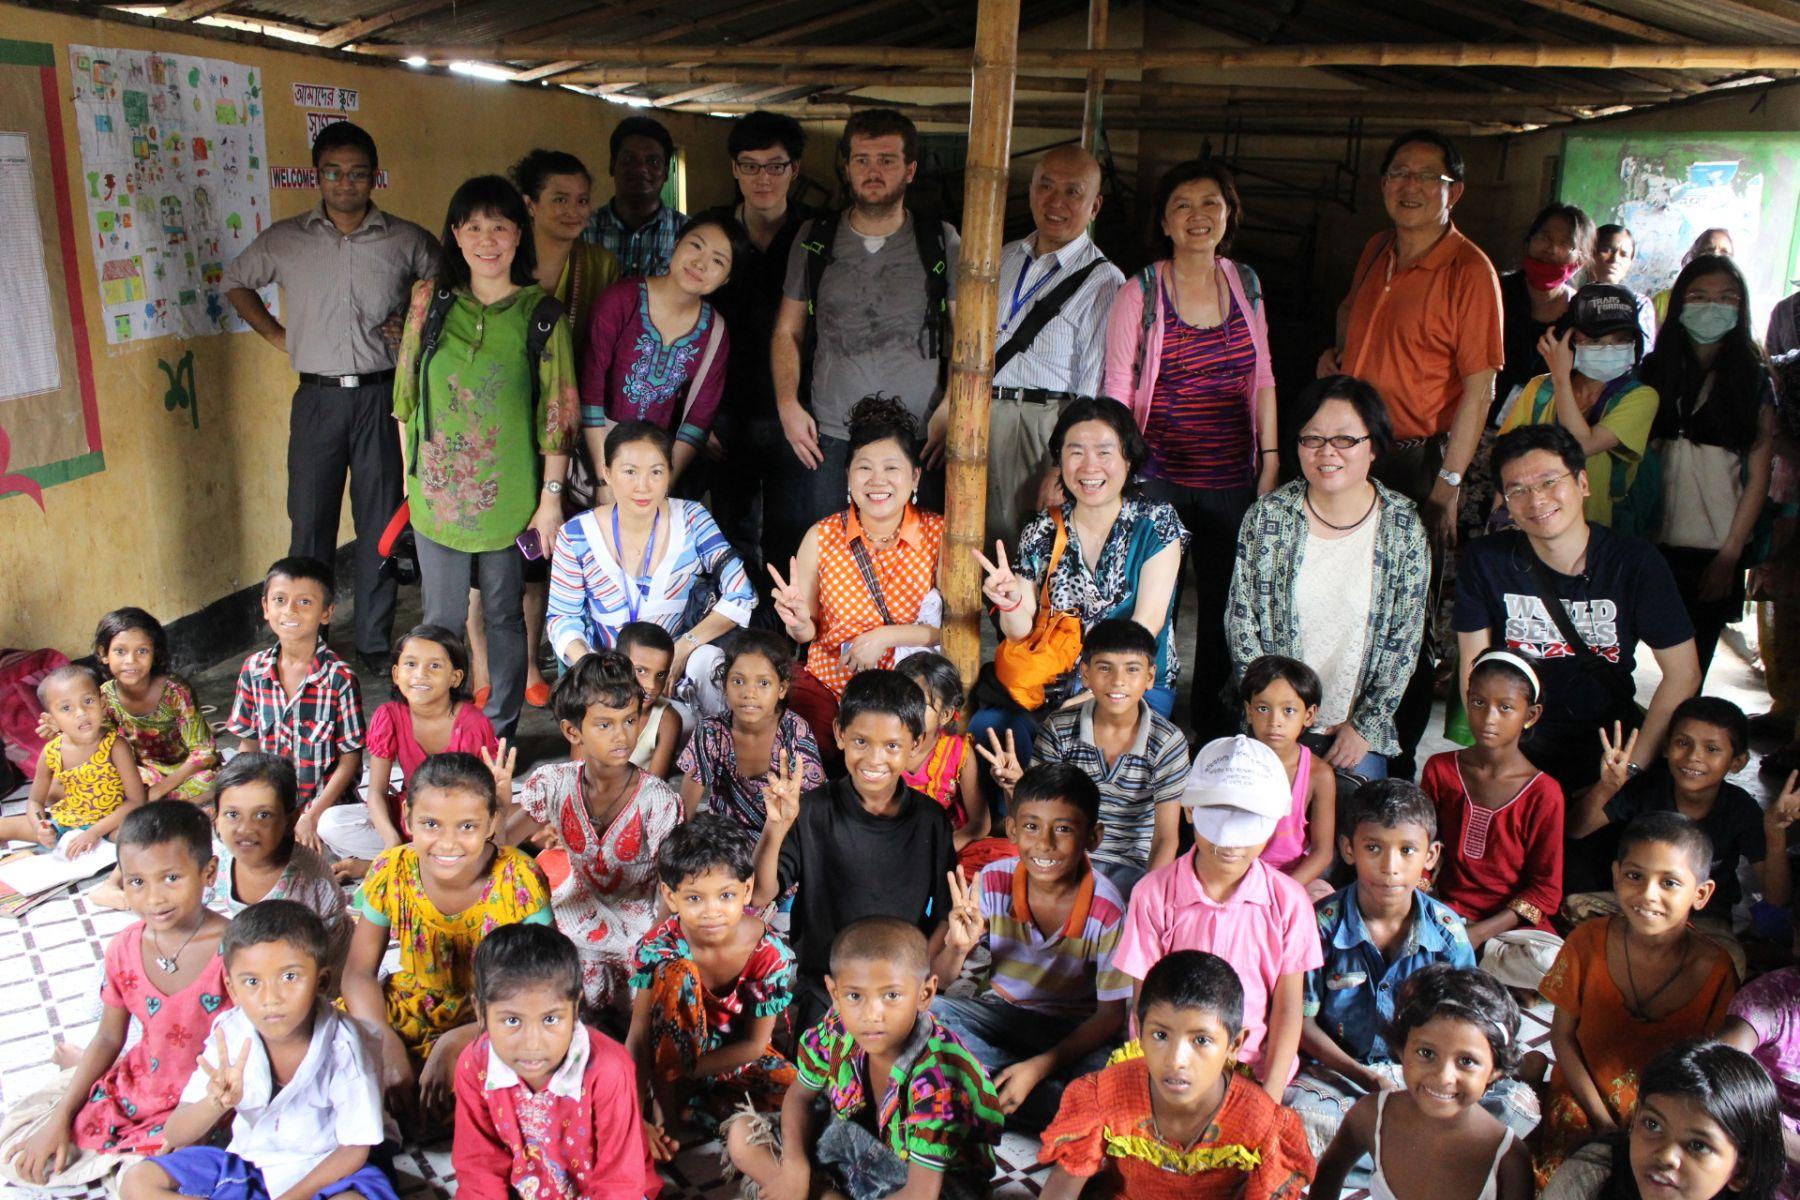 那年在孟加拉遇見的盲人失業者 教會我的事